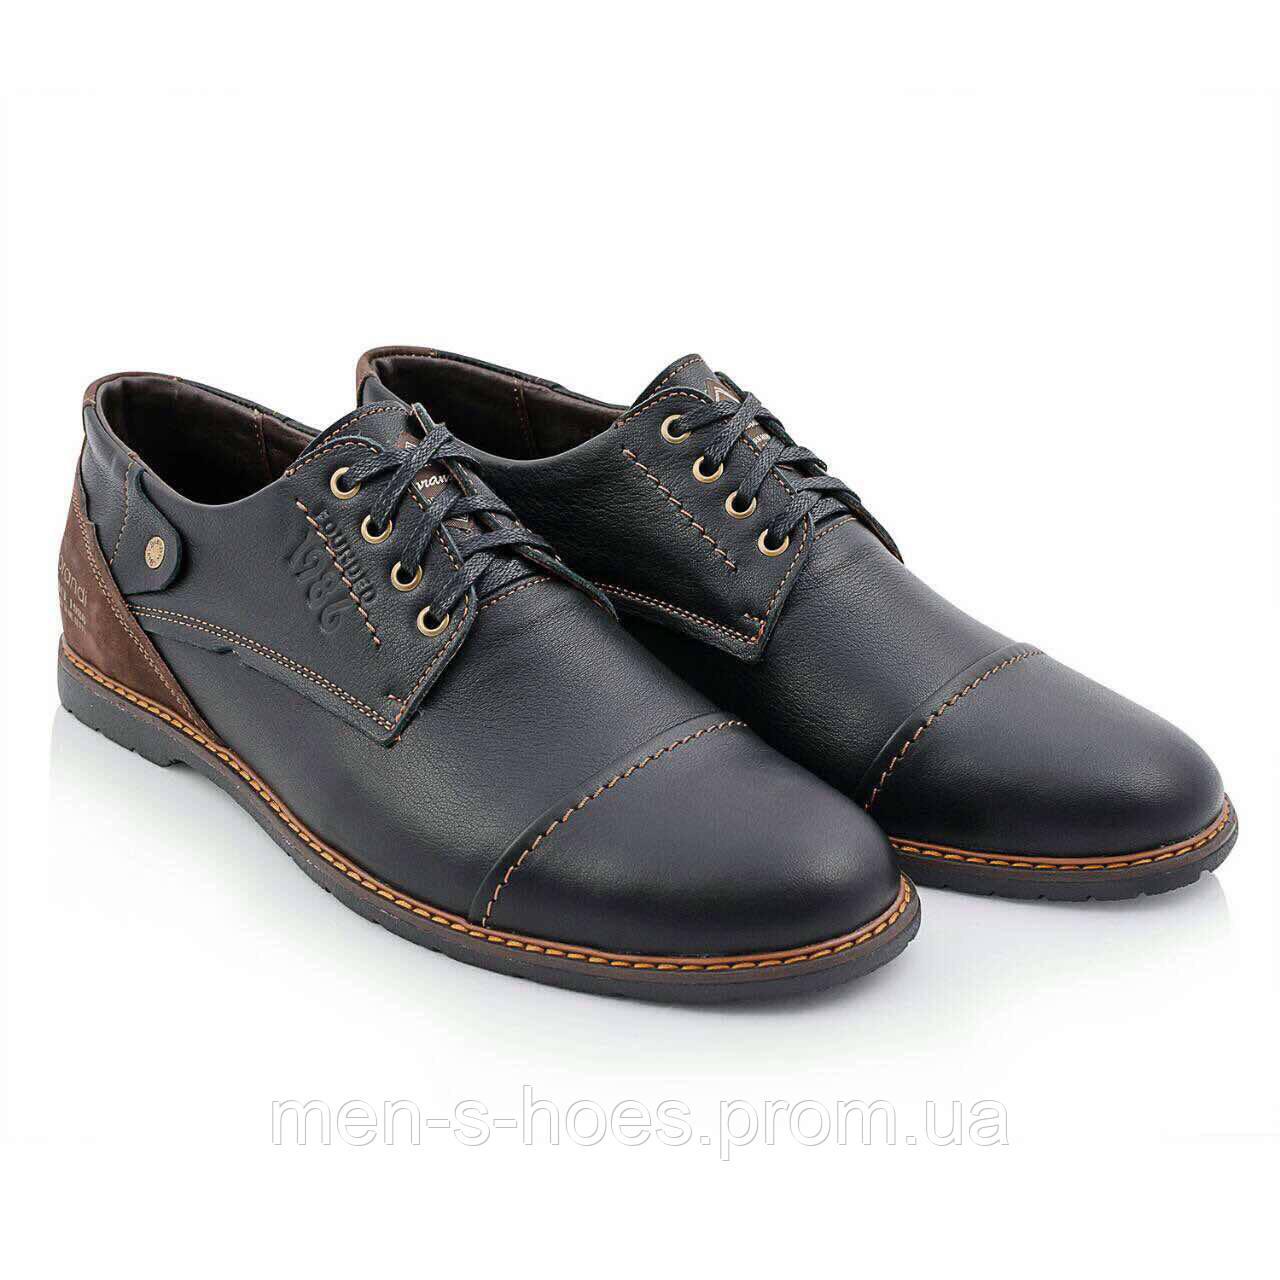 Туфли мужские кожаные Lorandi Shoes Black